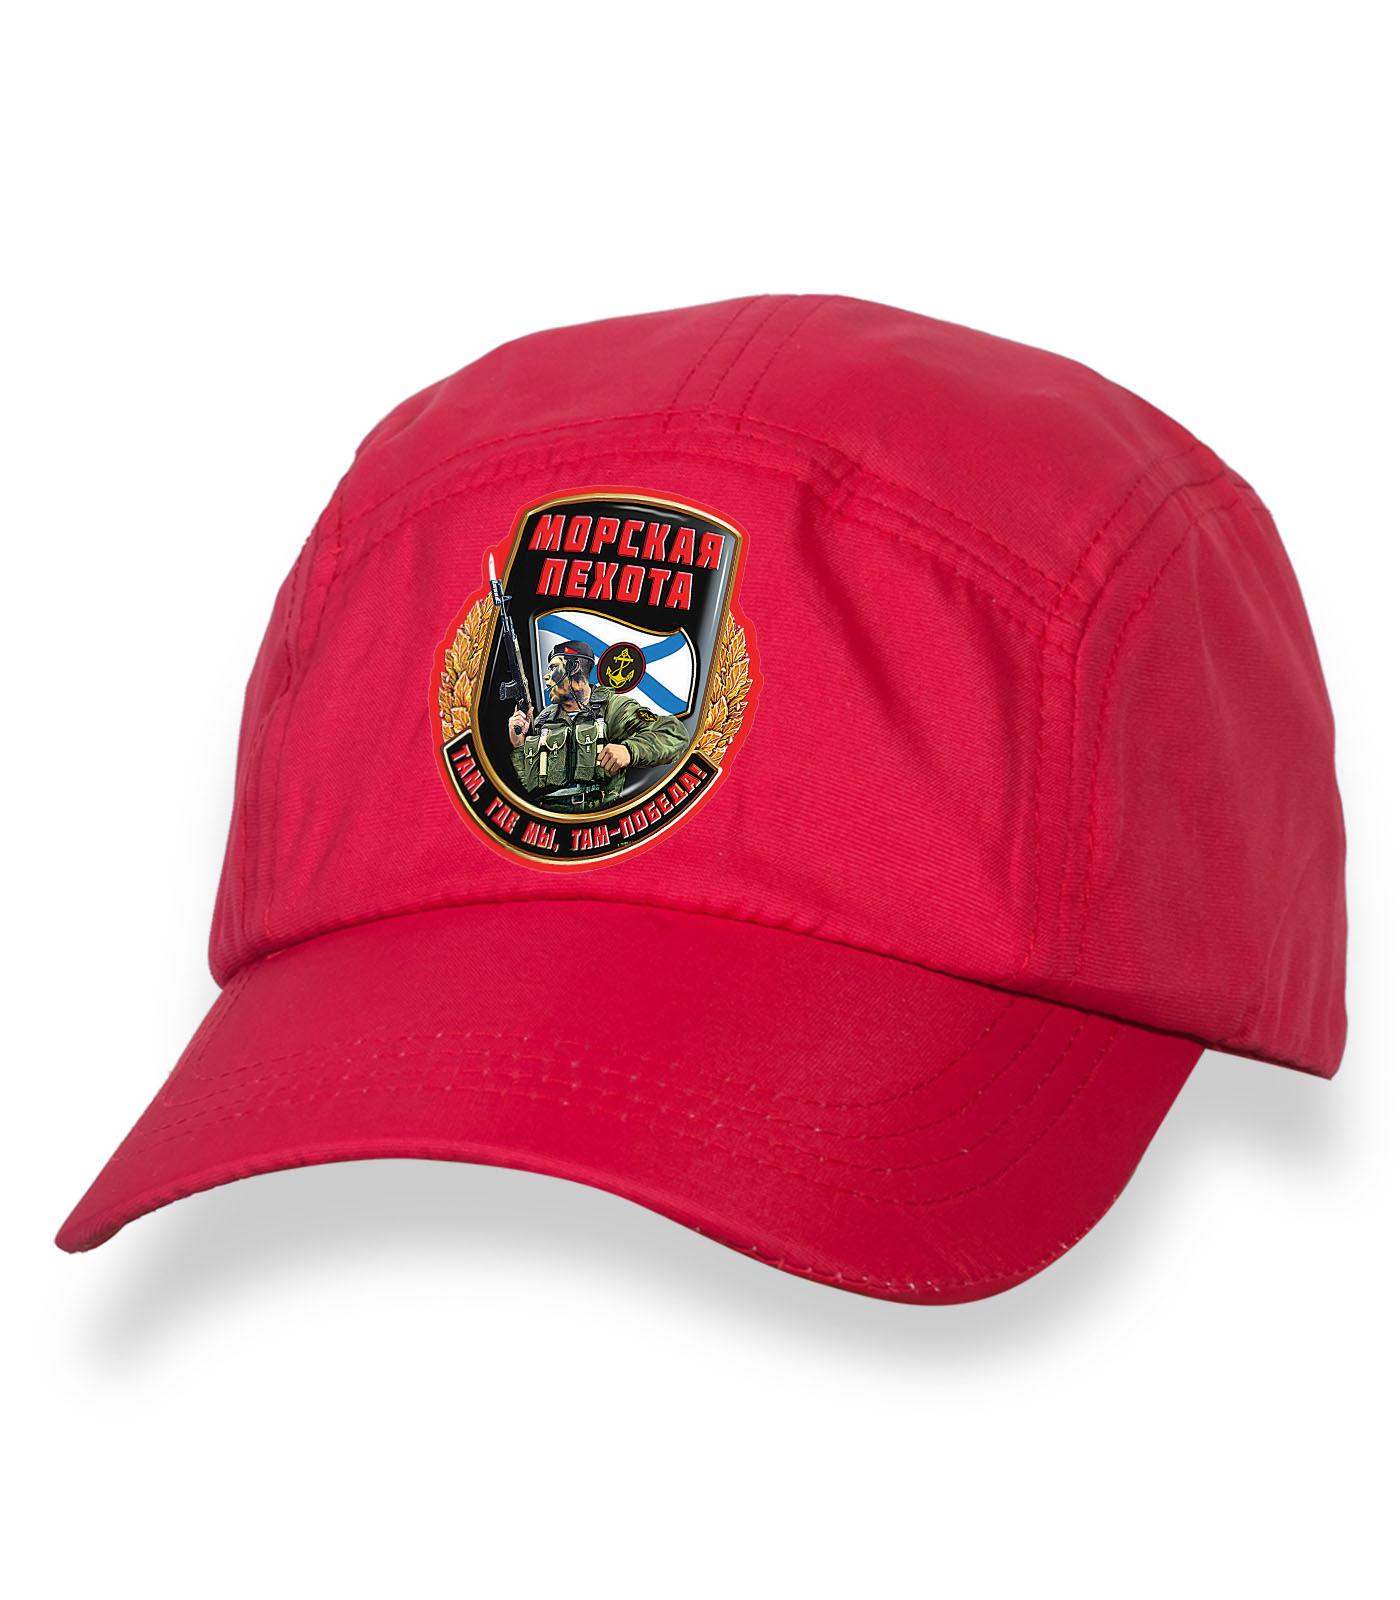 Стильная красная кепка с термотрансфером МОРСКАЯ ПЕХОТА